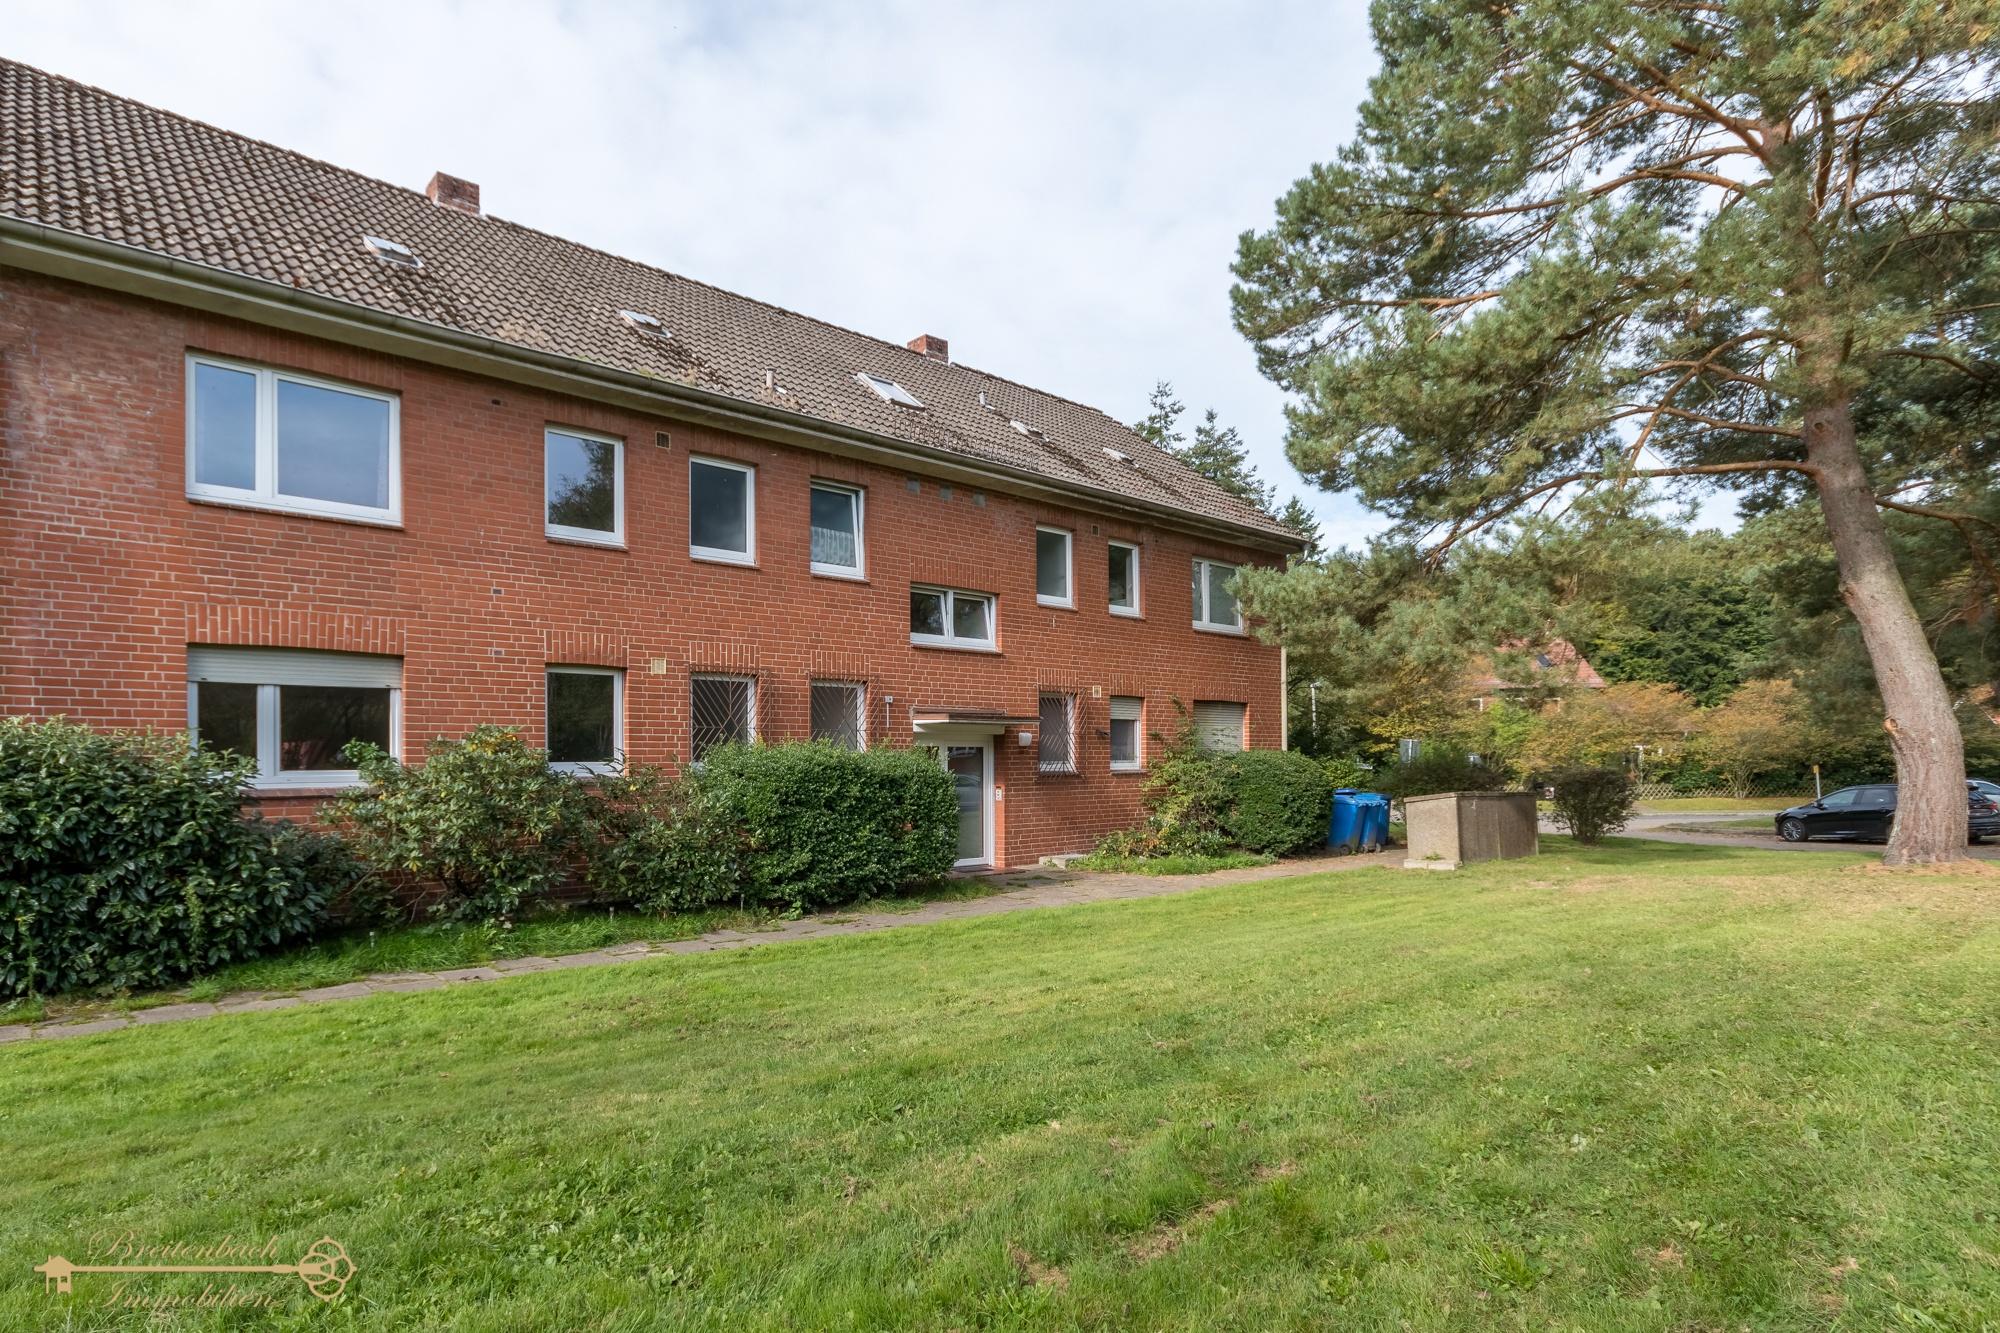 2020-09-26-Breitenbach-Immobilien-1